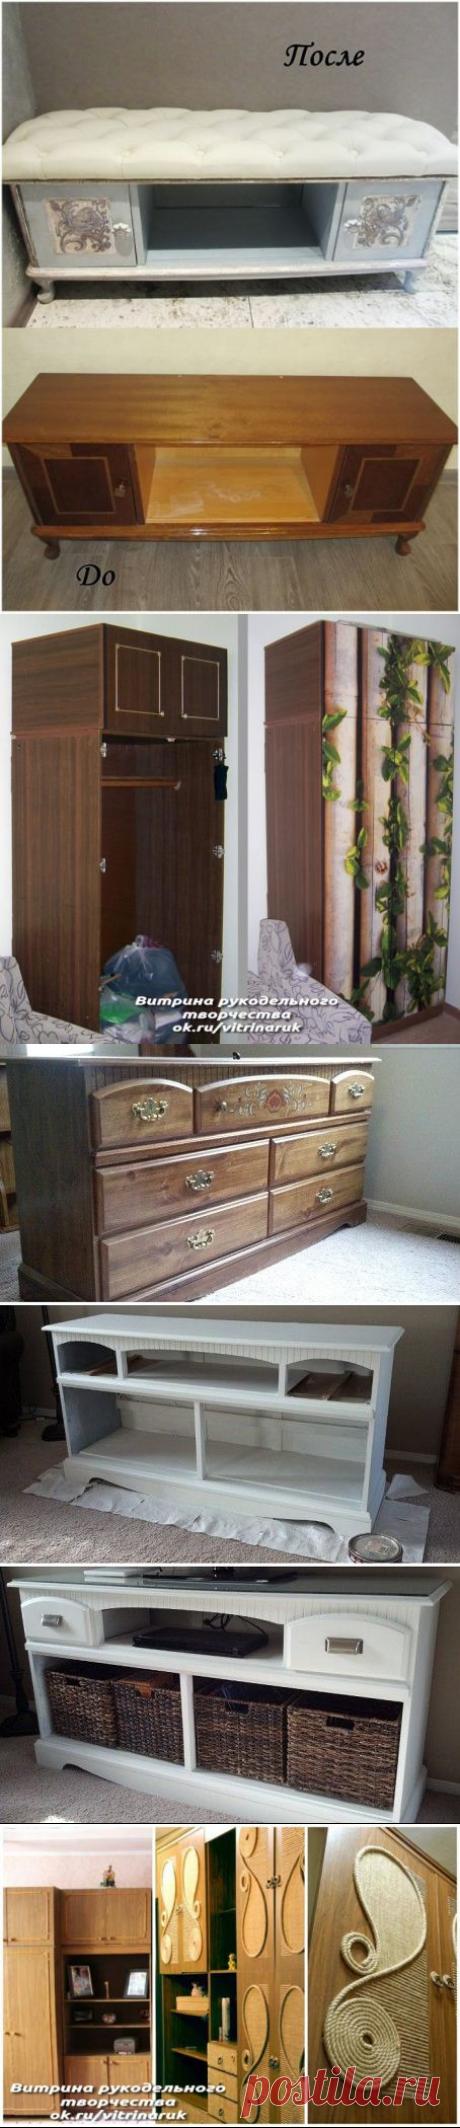 Хотите дать старой мебели новую жизнь? Для Вас подборка идей.